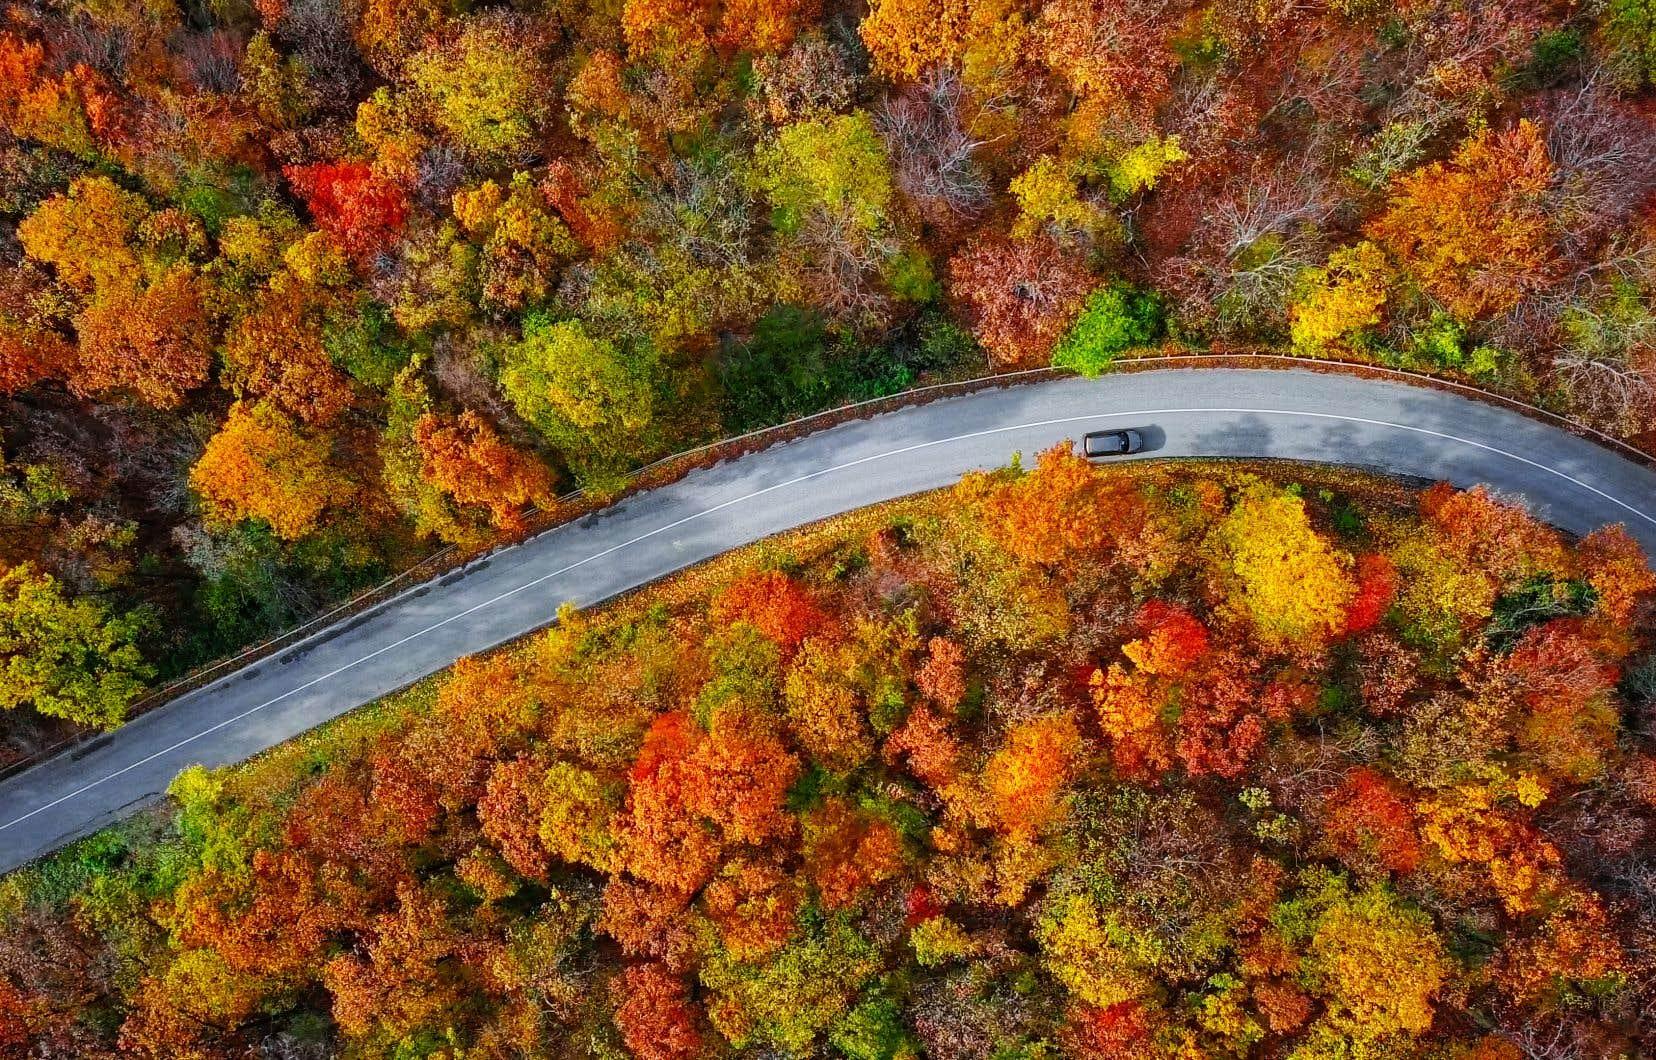 Les feuilles des arbres, vers la fin de septembre au Québec, commencent à changer de couleur à cause de la diminution du nombre d'heures d'ensoleillement. Mais est-ce le cas pour tous les arbres?